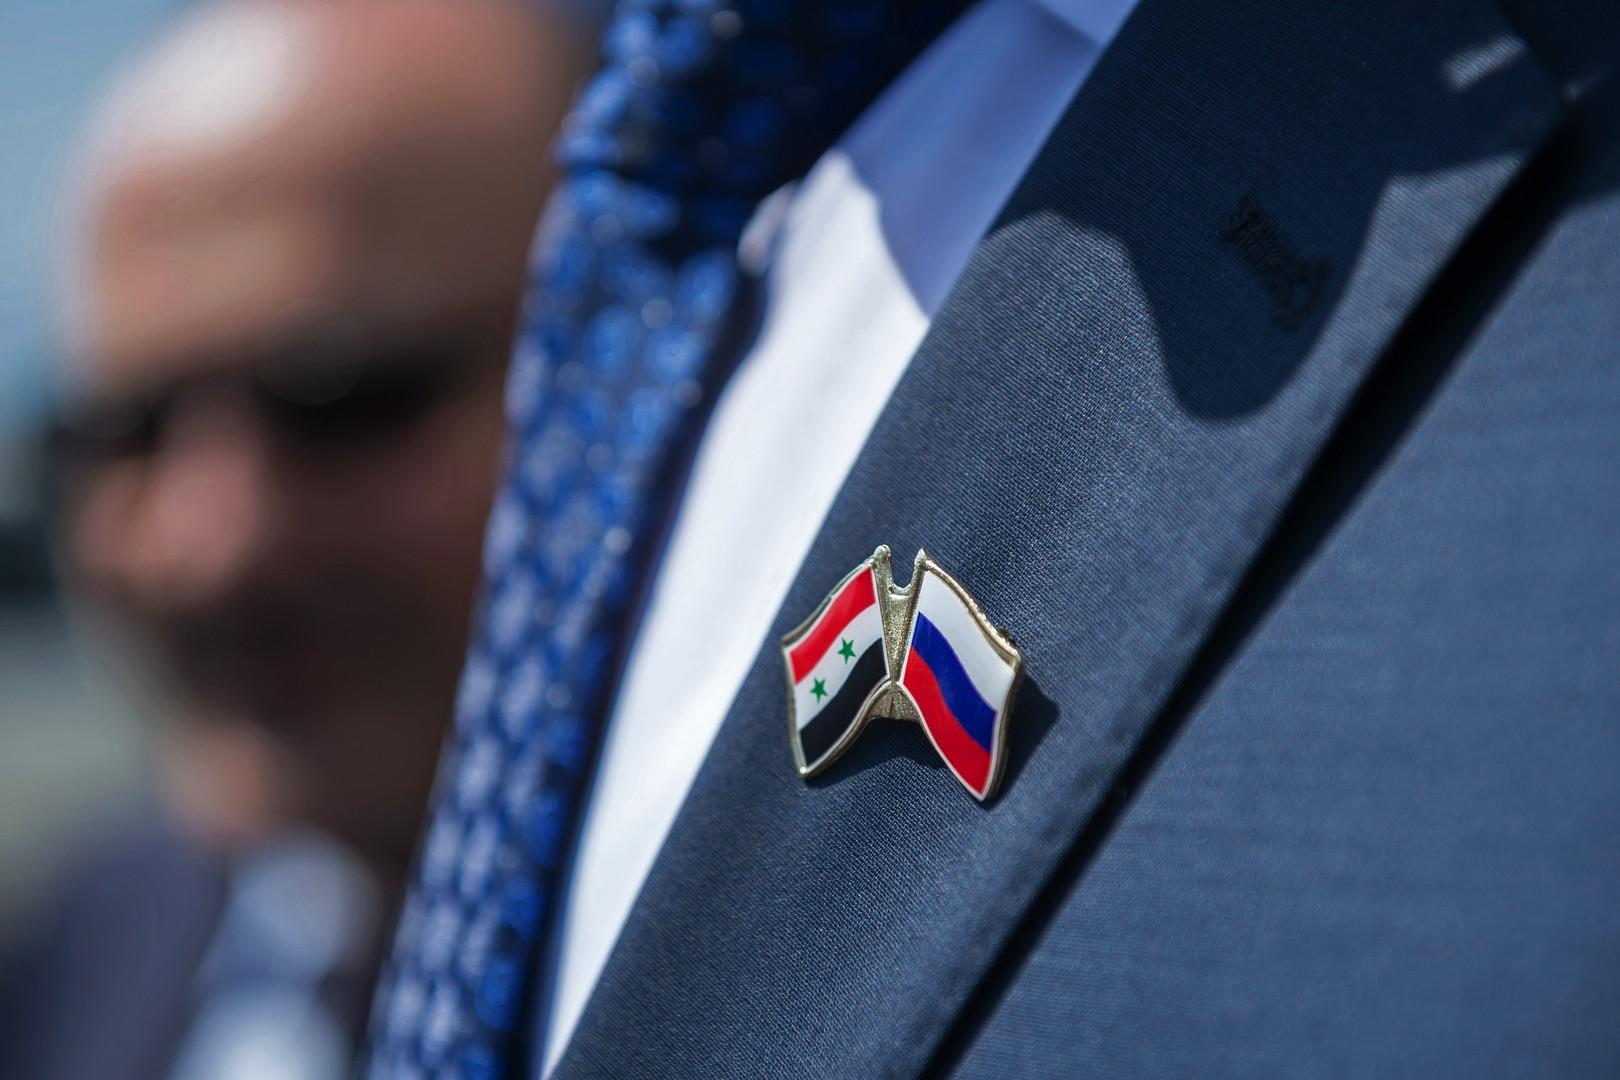 سوريا وروسيا تعززان التعاون الاقتصادي باتفاقية جديدة